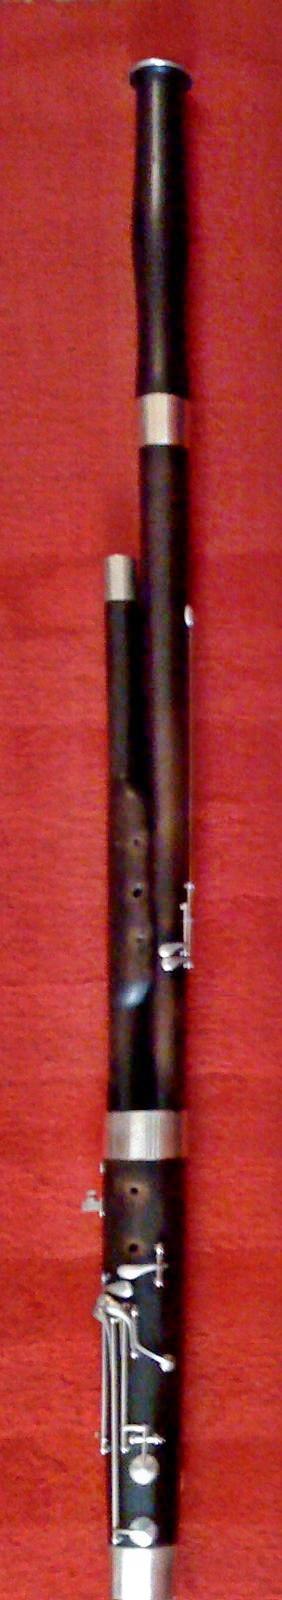 Heckel-3620-complete-front.jpeg